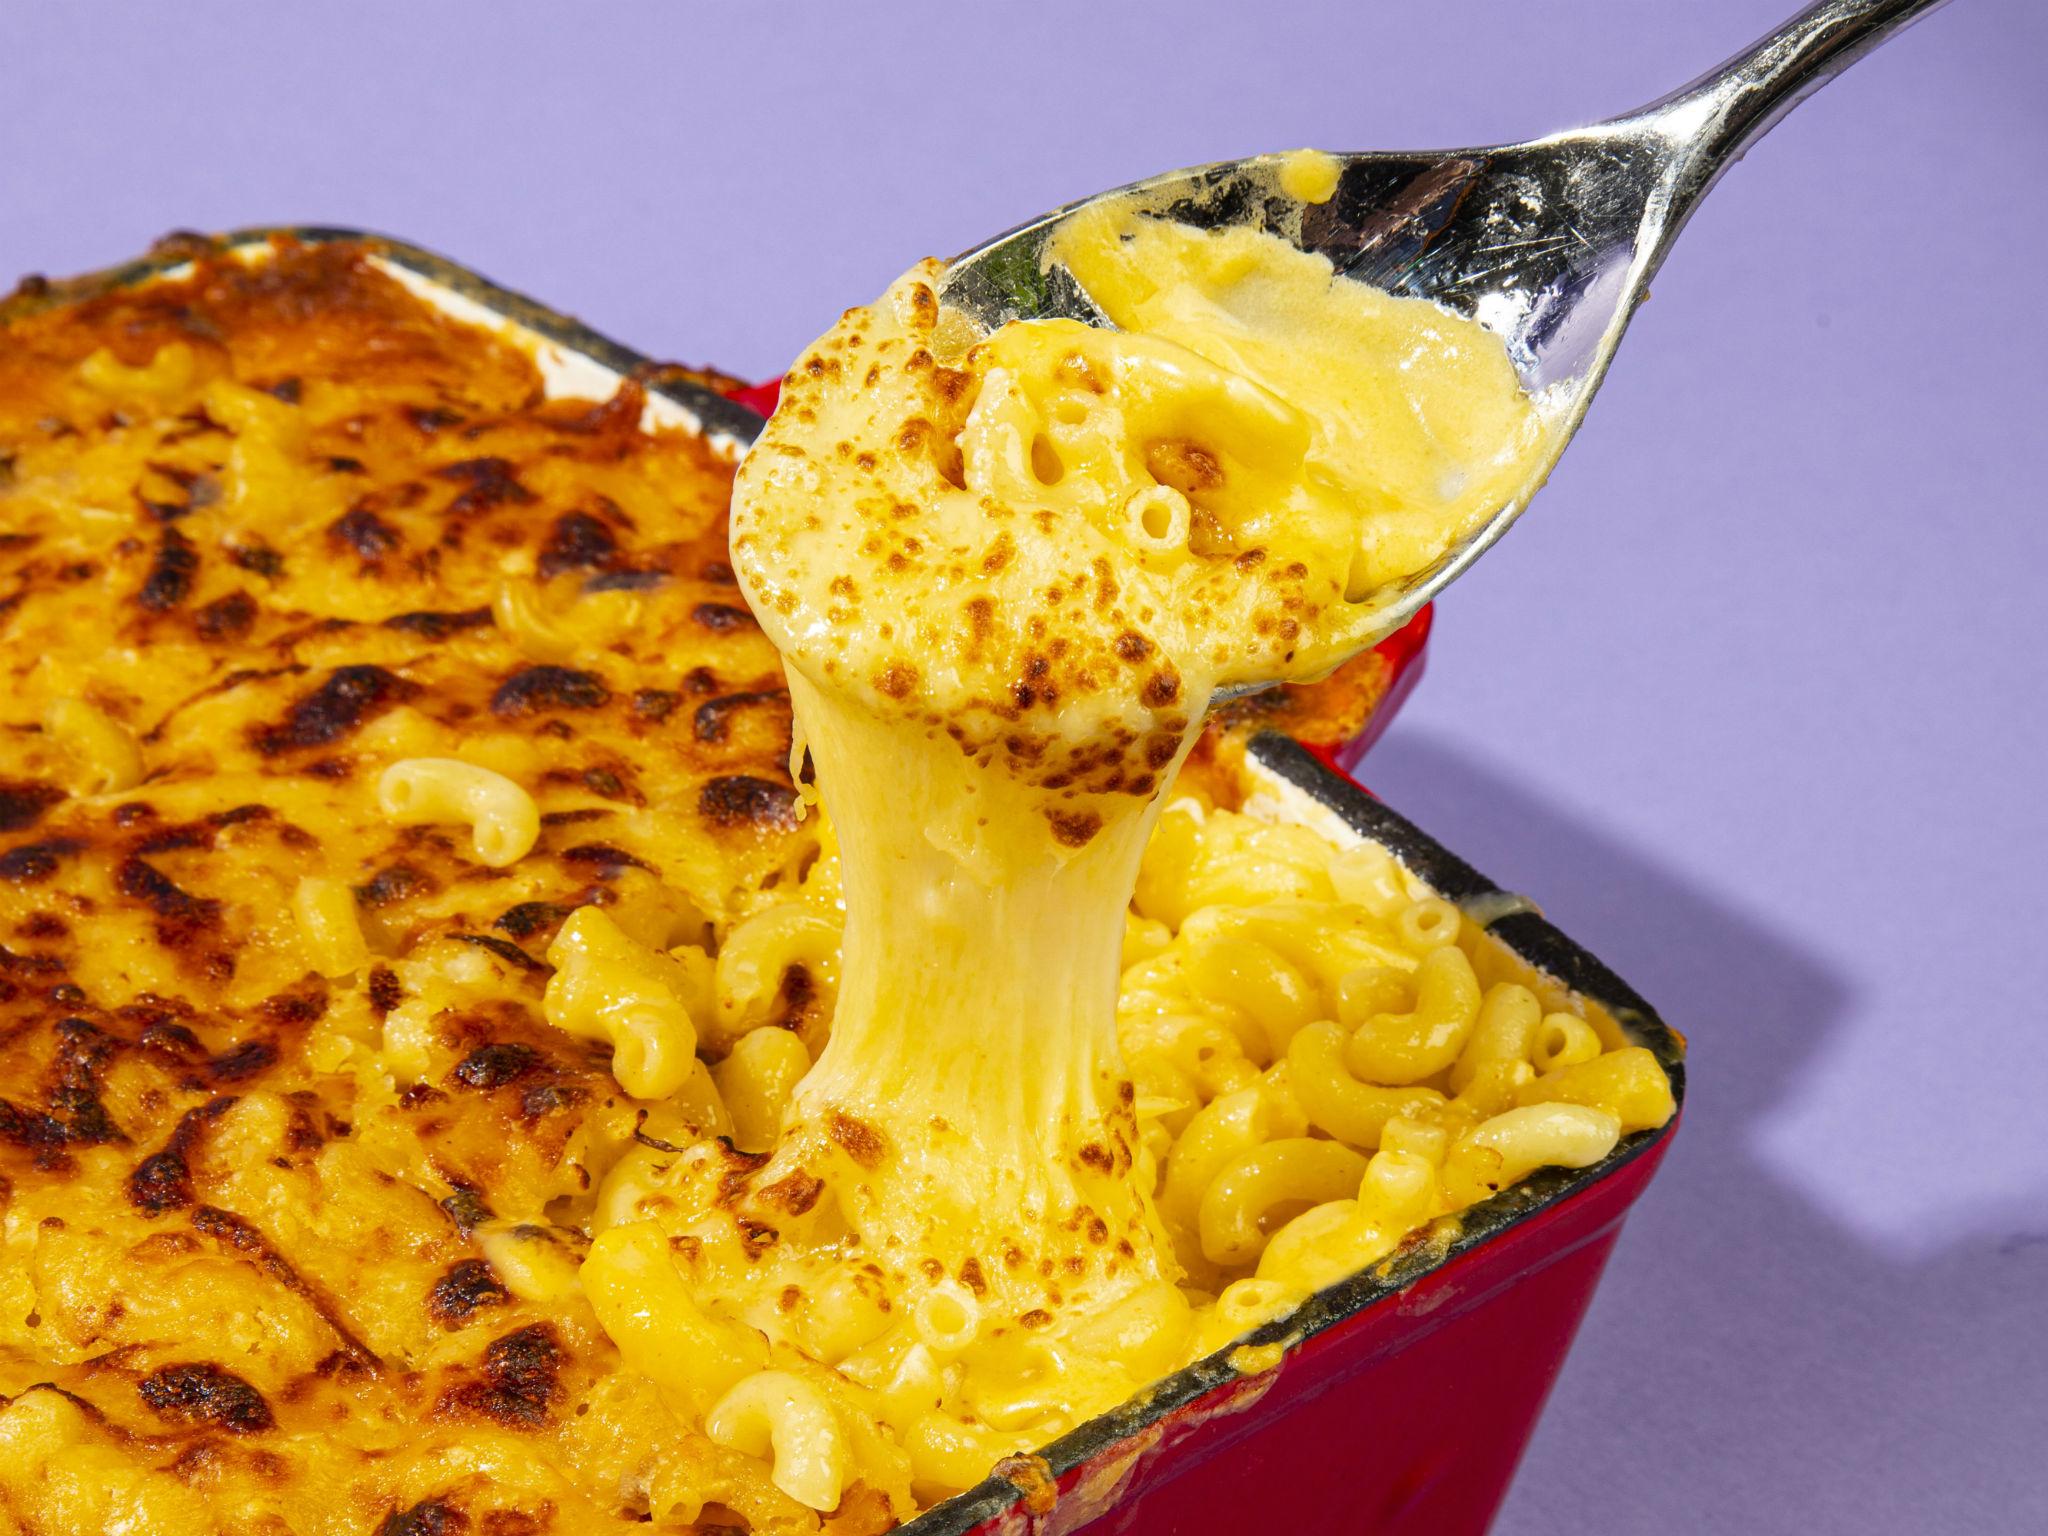 Comfort food mac 'n' cheese